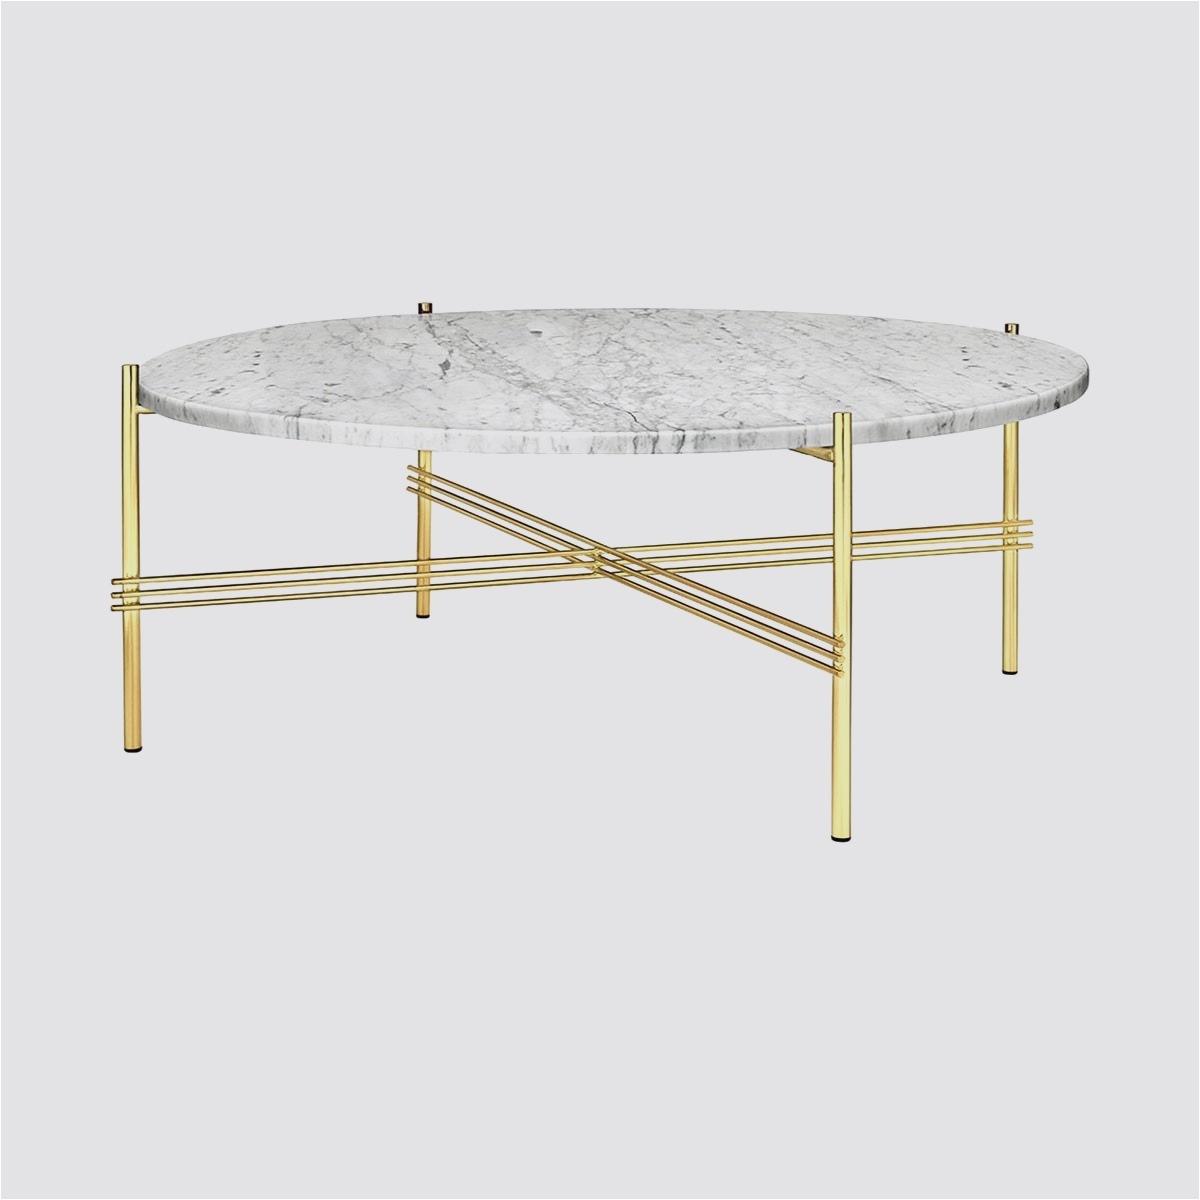 Camif Table Basse Frais Images Table Basse Ronde Marbre Best Magnifiqué Table Basse En Marbre